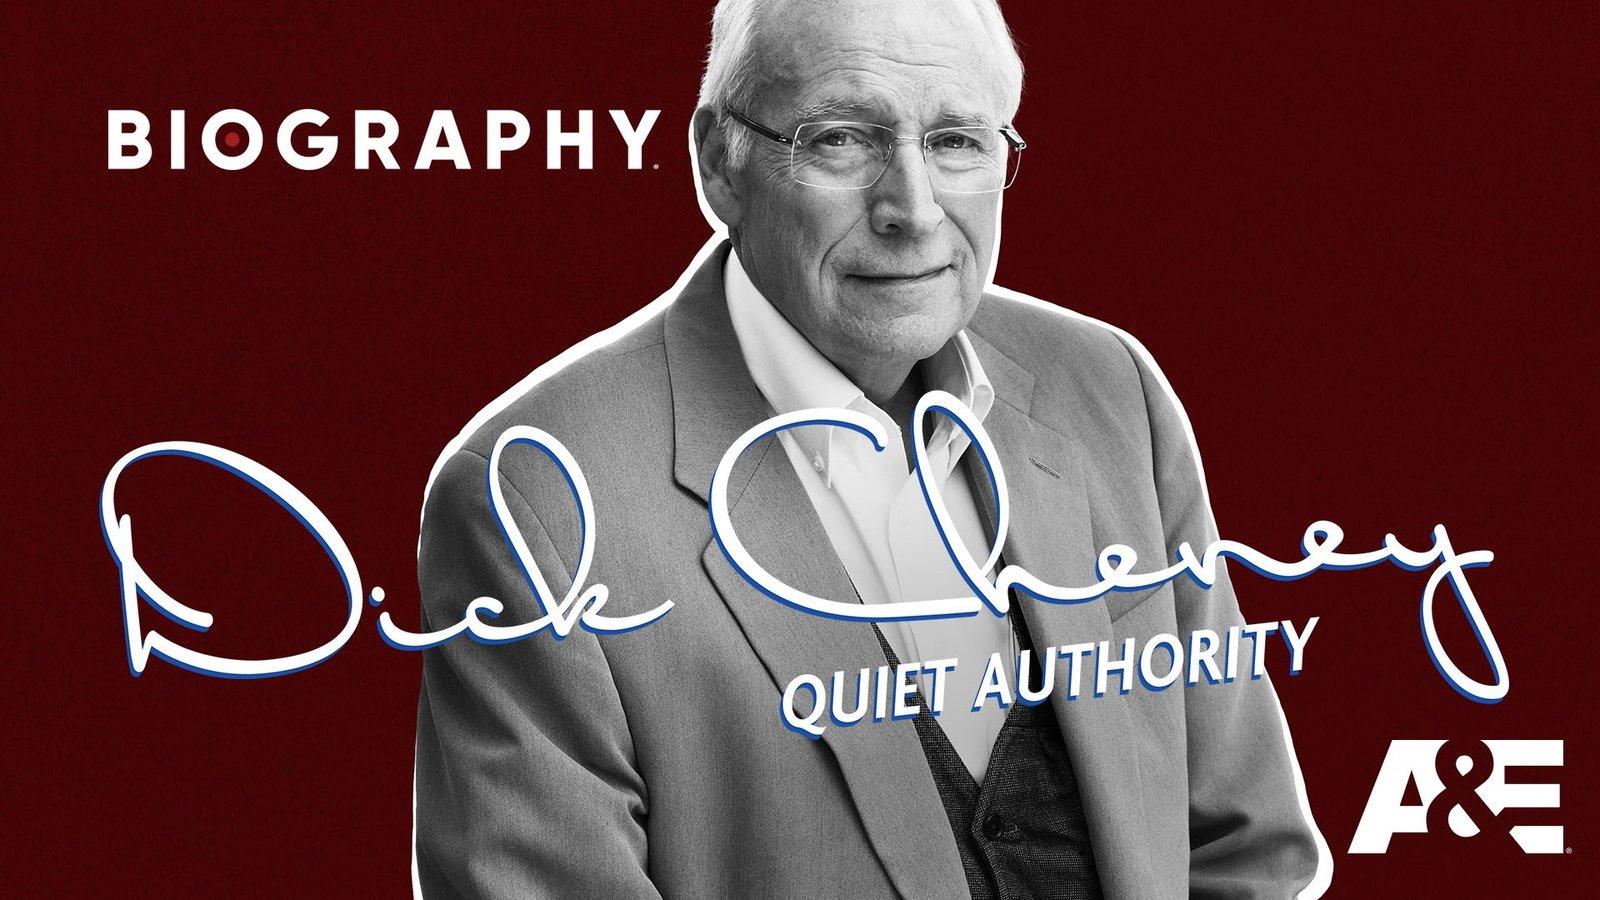 Dick Cheney: Quiet Authority